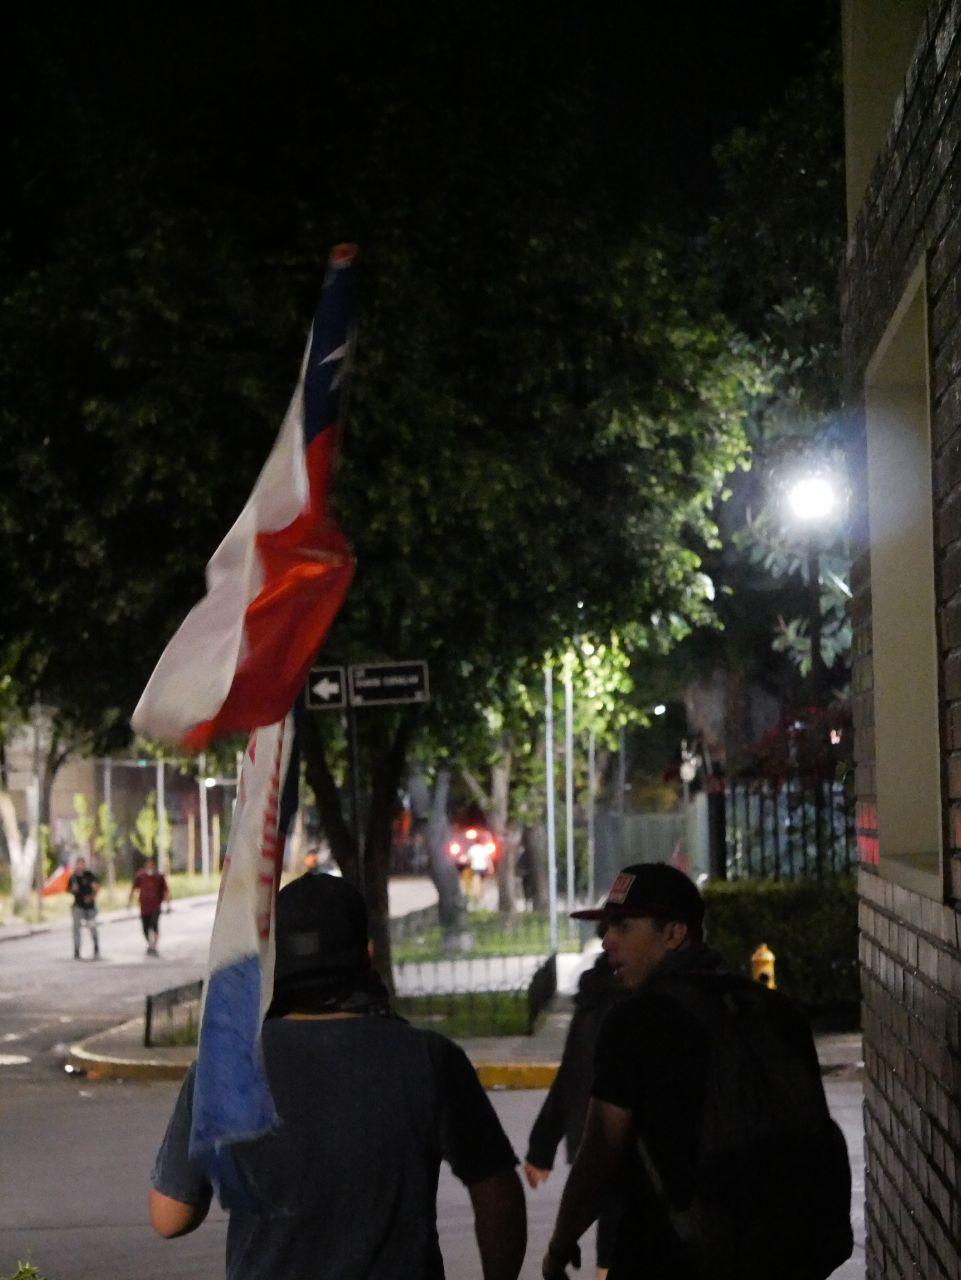 25/10/19, Protestas, Chile, Fotos, 2019